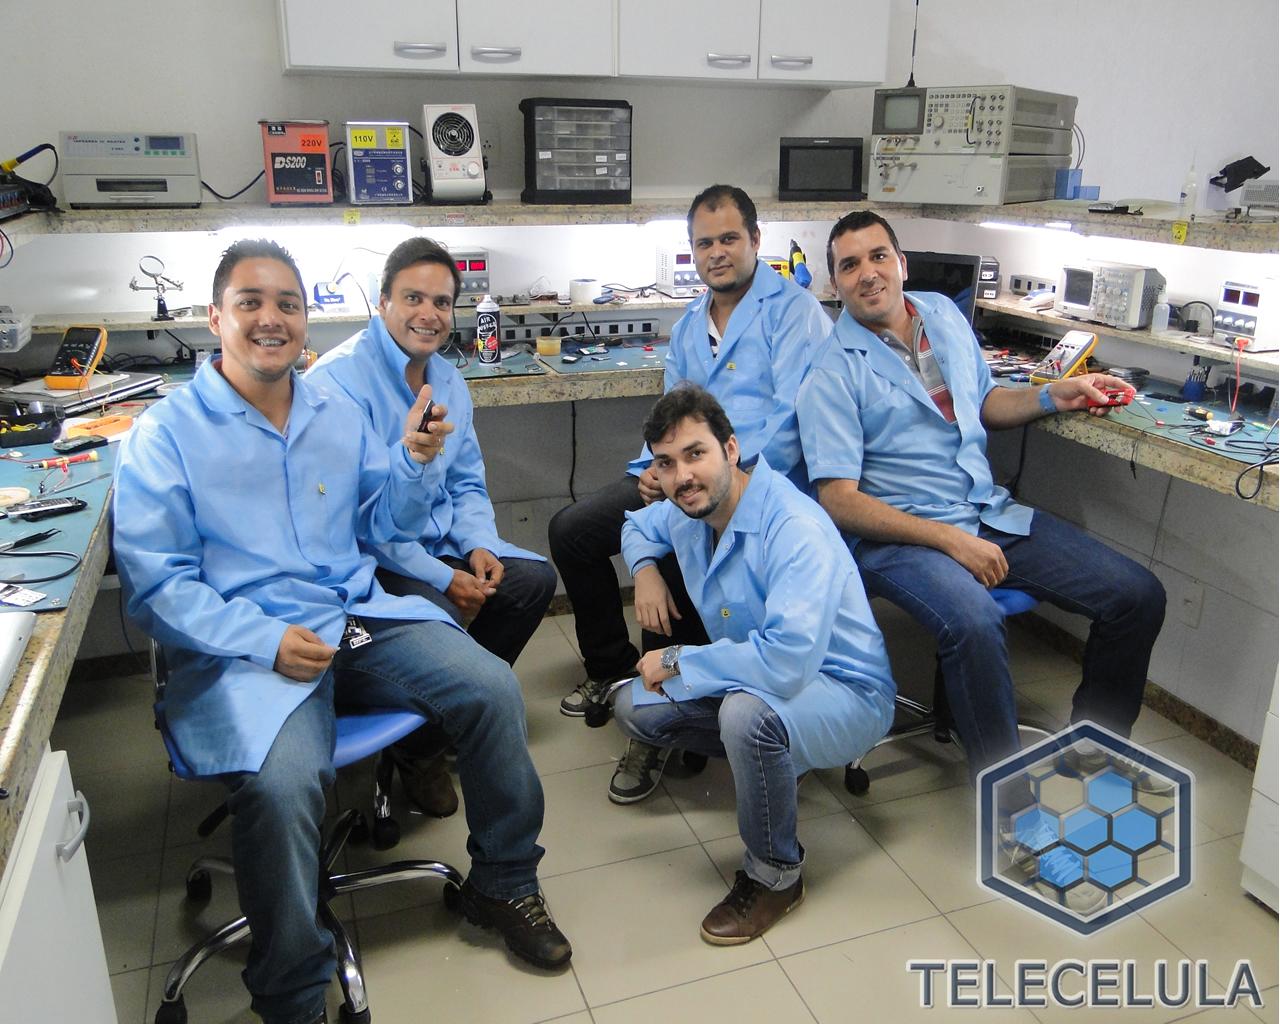 TELECELULA Peças SmartPhones Tablets Notebooks e Ferramentas  #2D639E 1280x1024